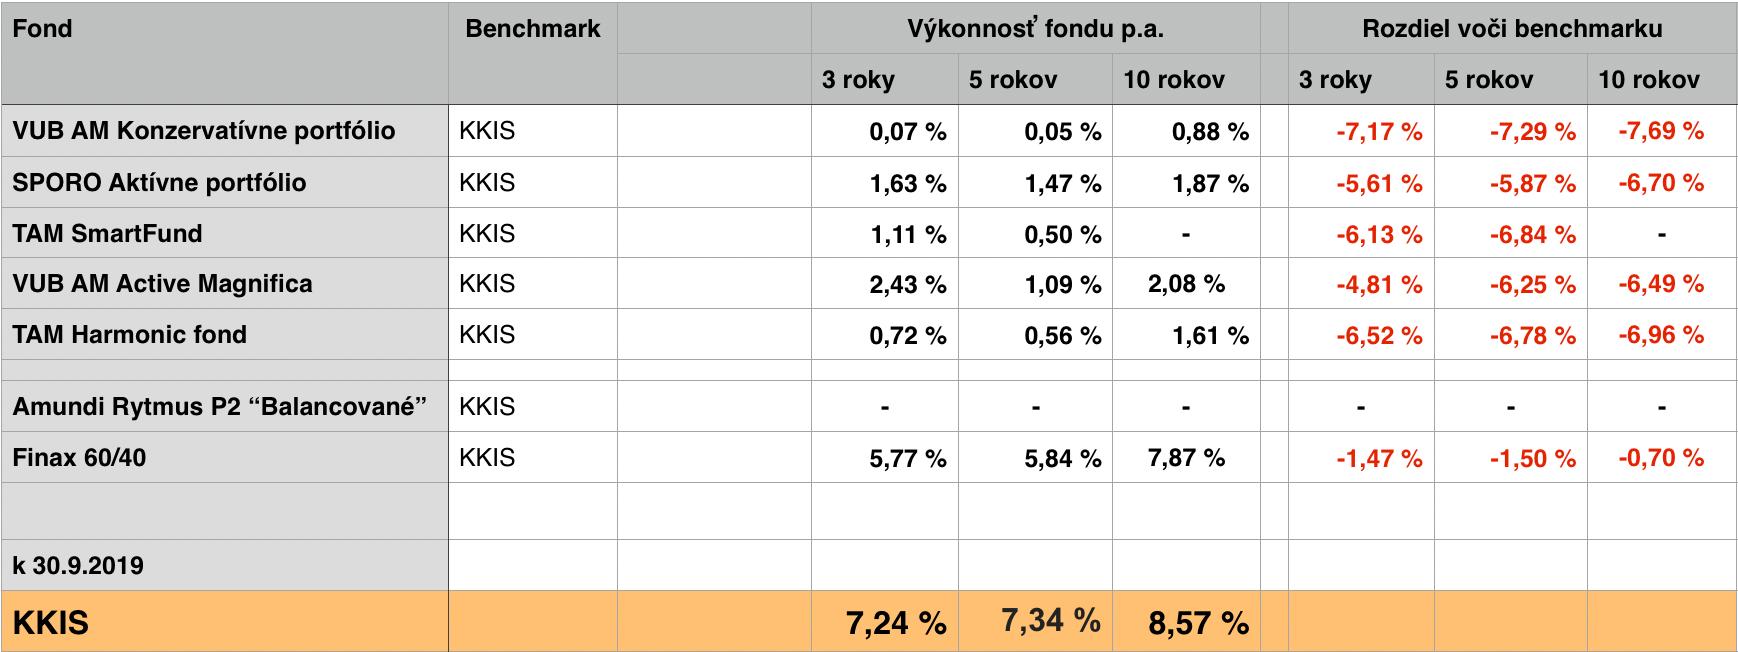 Zmiešané podielové fondy a porovnanie ich výkonnosti s benchmarkovými ETF.